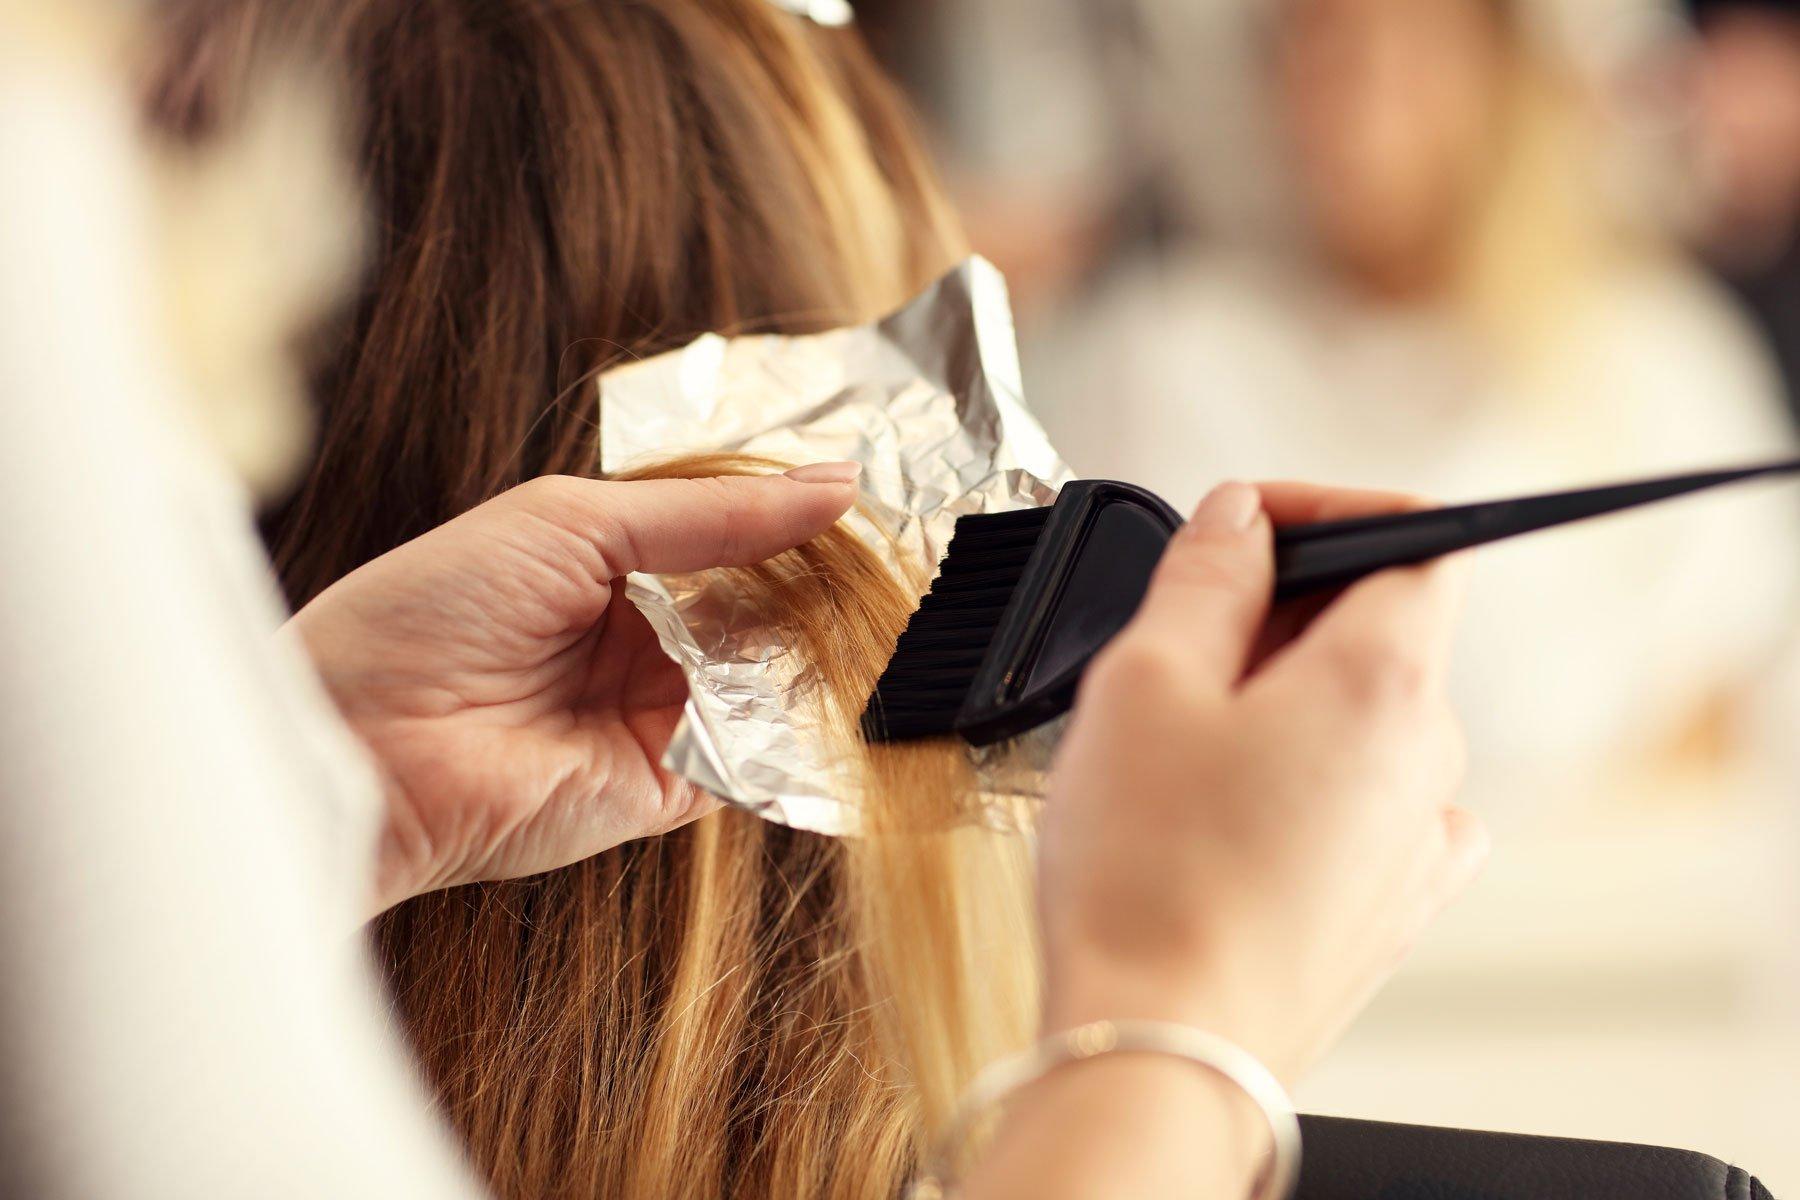 Una parrucchiere mette il colore su una ciocca di capelli